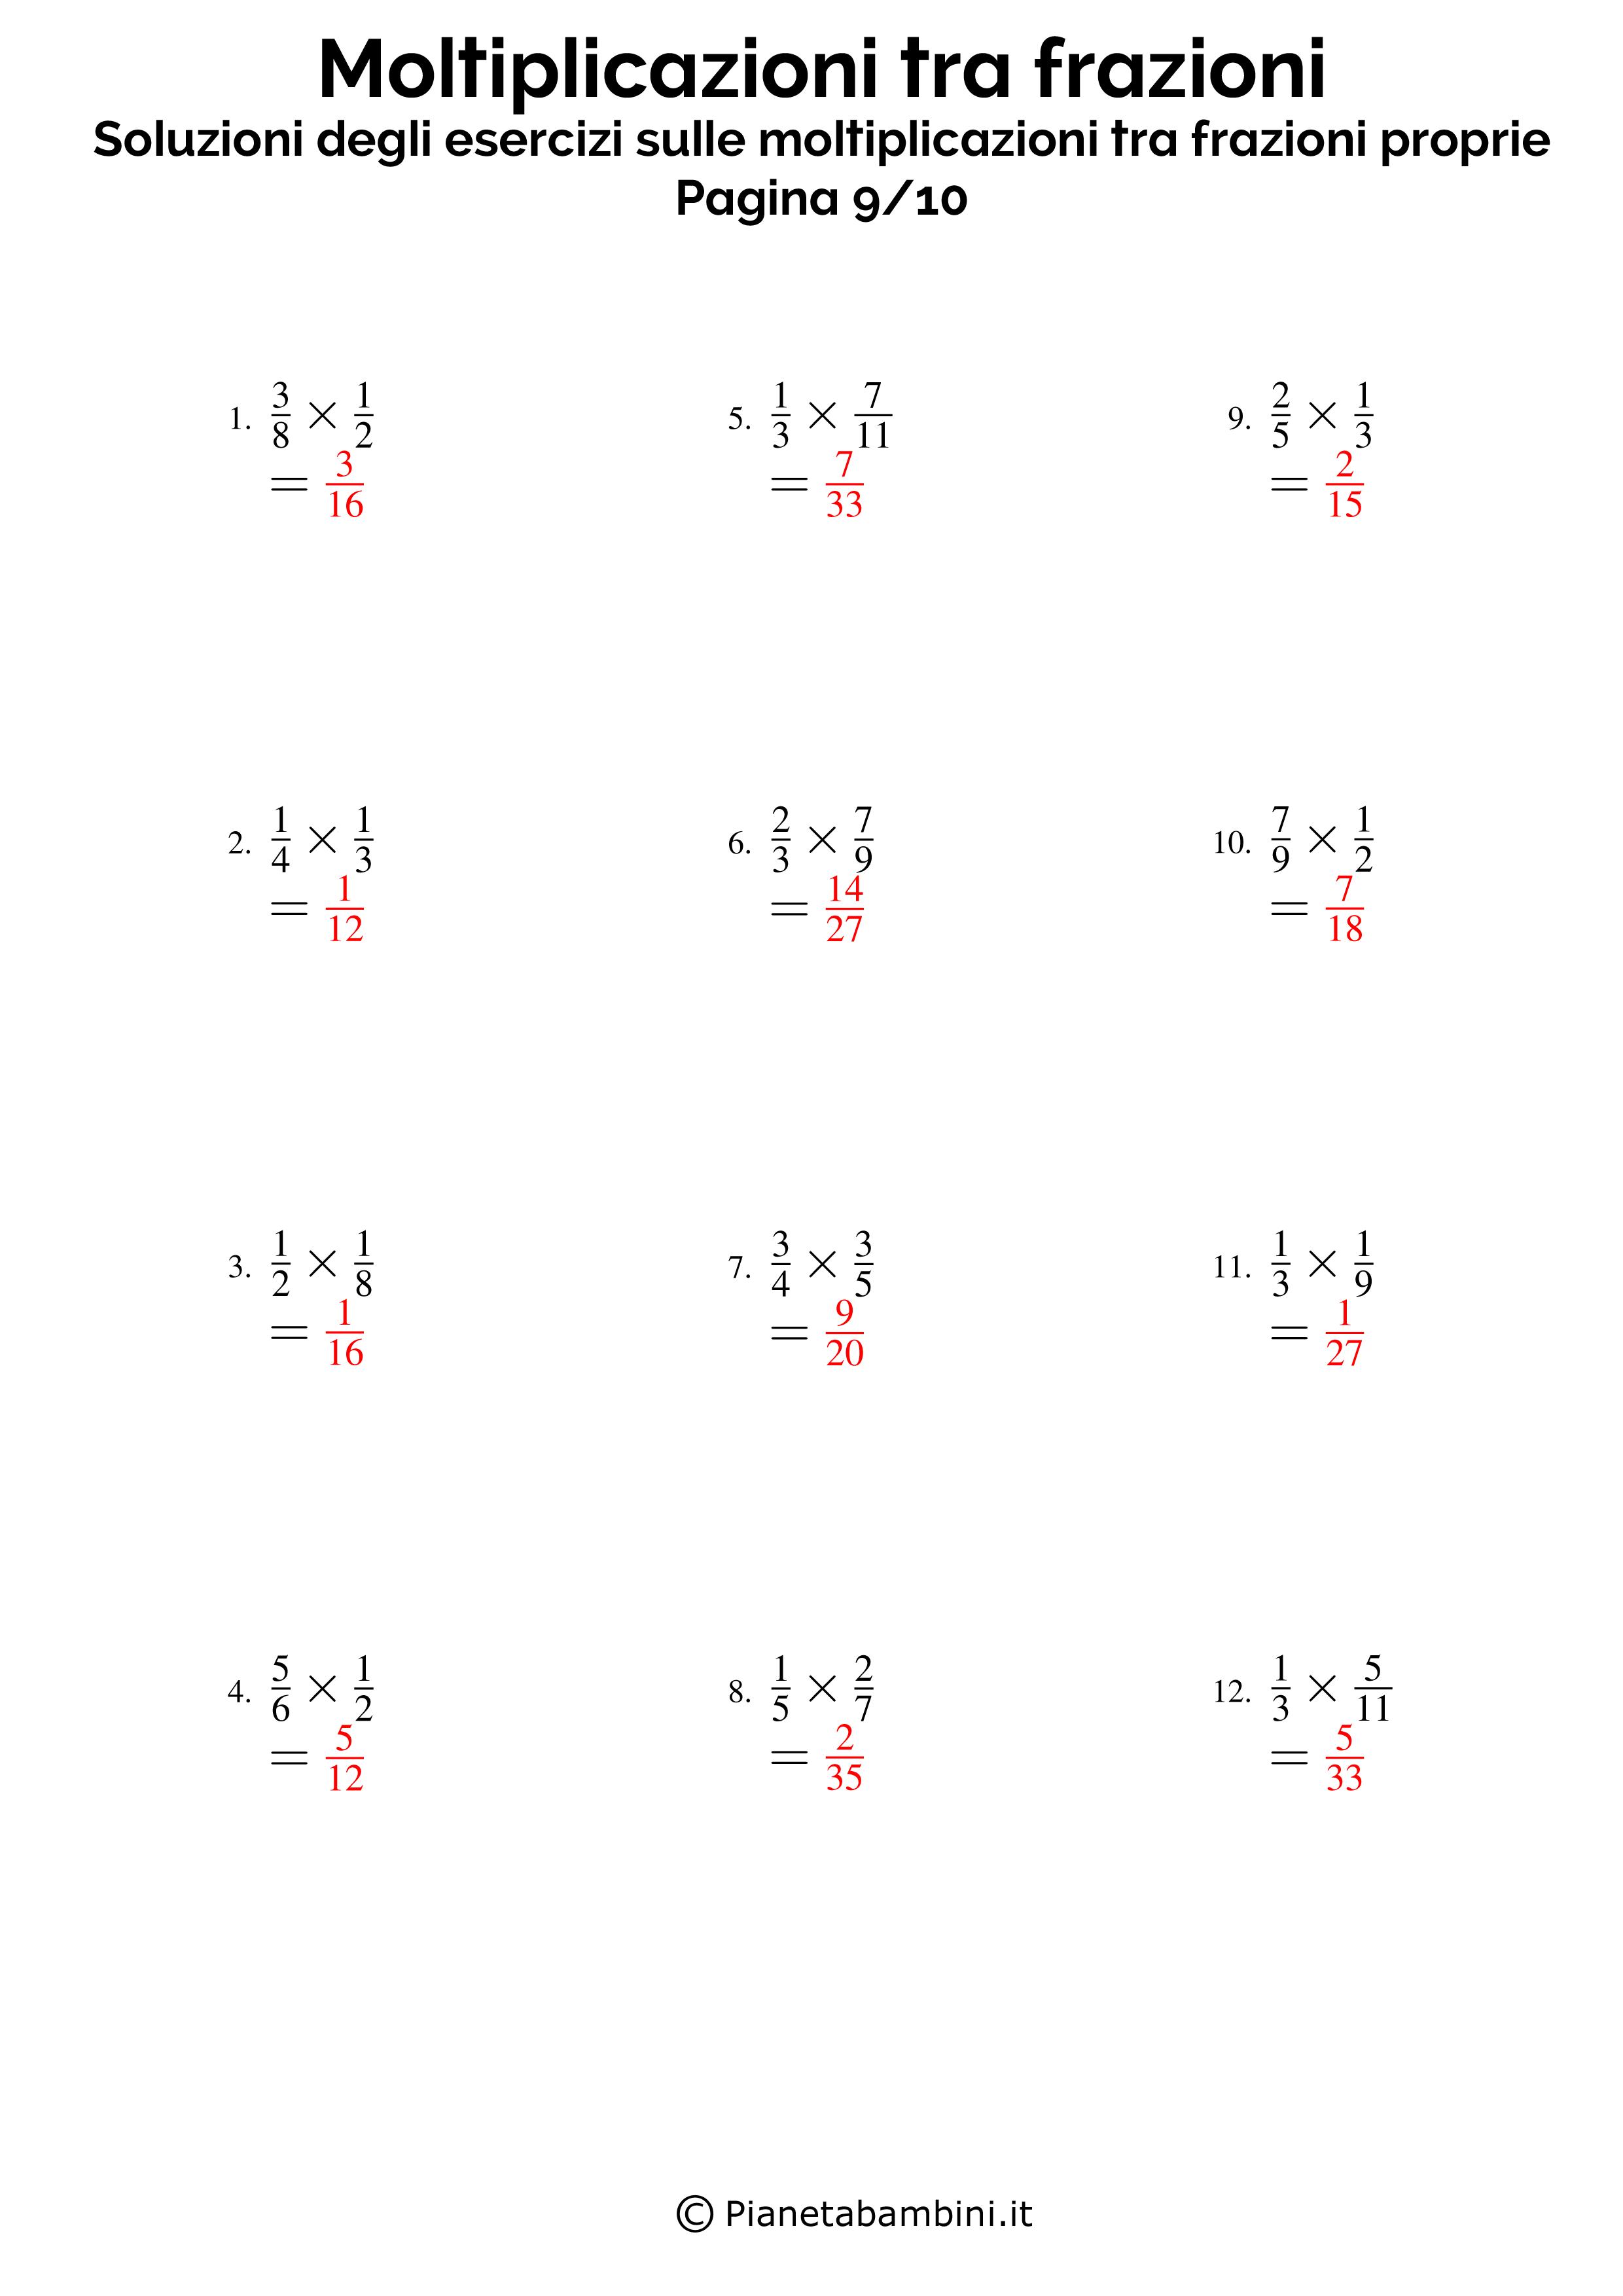 Soluzioni-Moltiplicazioni-Frazioni-Proprie_09